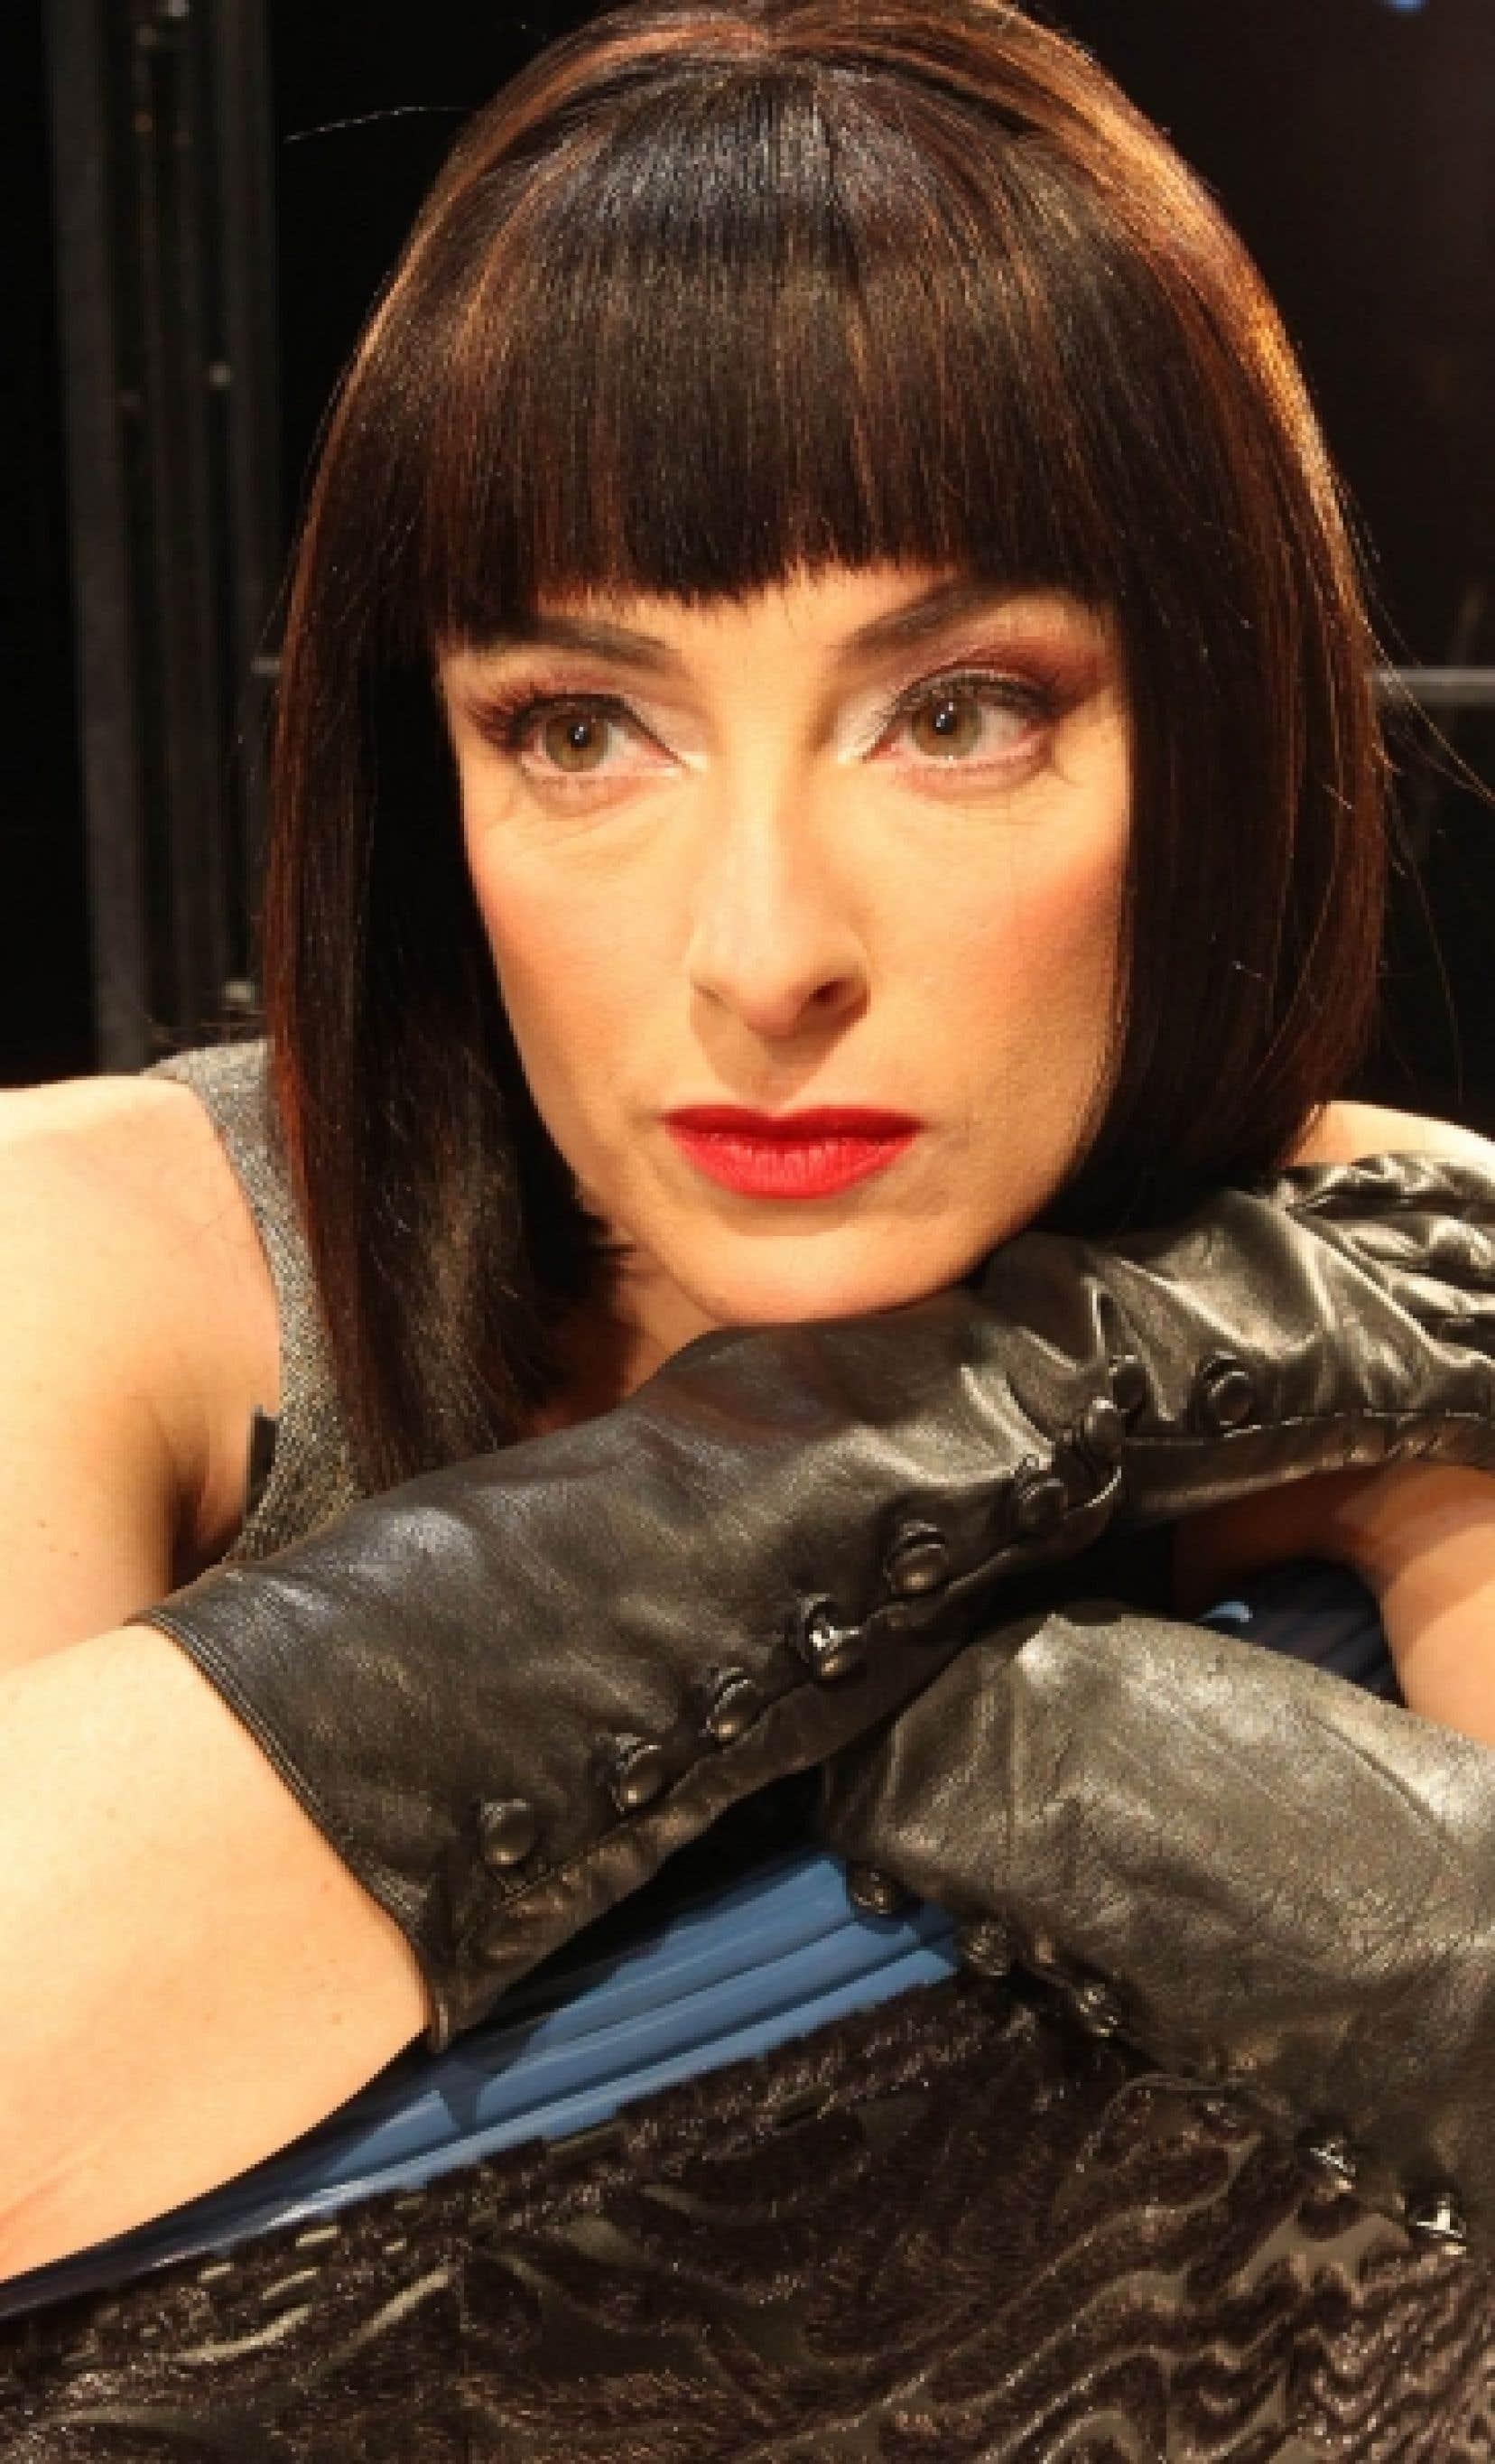 «Au théâtre, explique Pascale Bussières, je dois sortir de mes marques habituelles, perdre mes repères: je me mets en danger.»